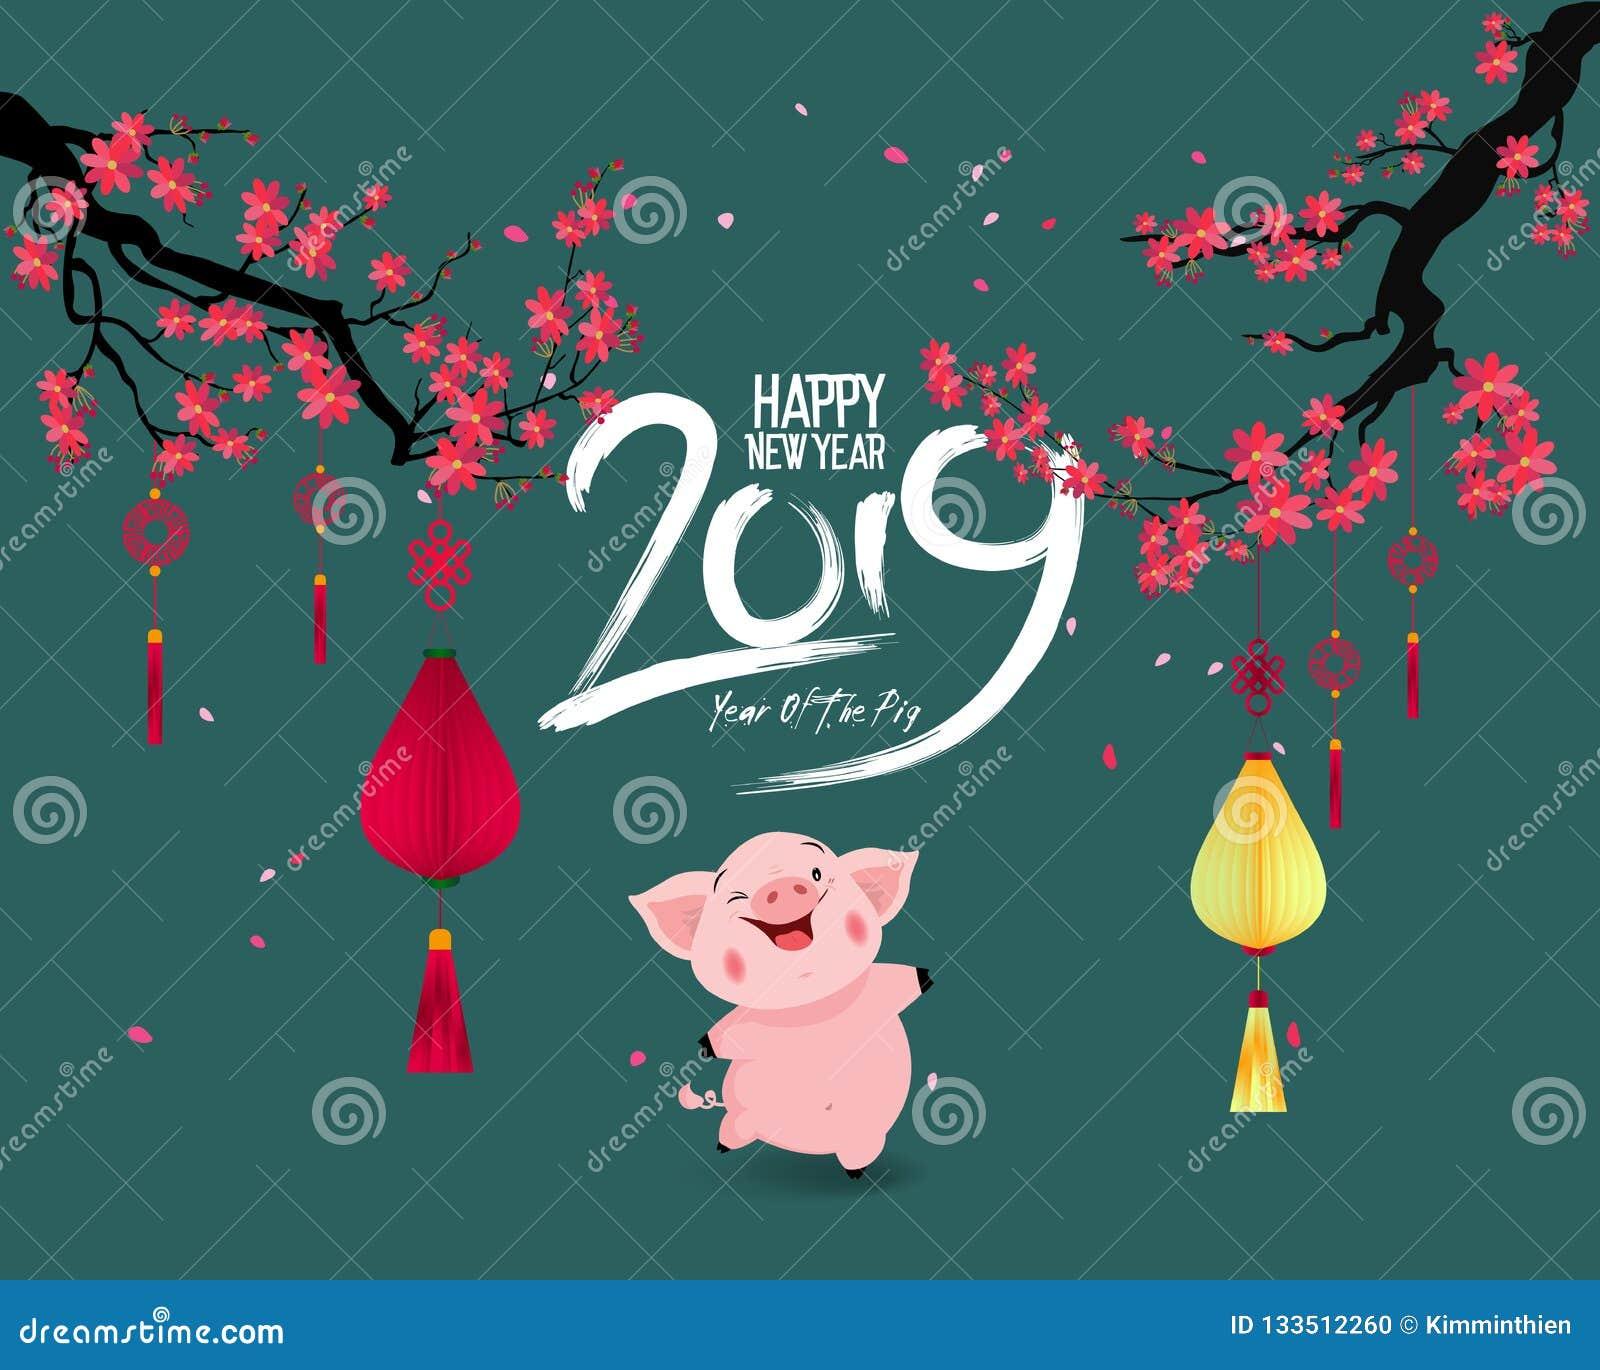 Szczęśliwy nowy rok 2019 Chienese nowy rok, rok świnia tła tło okwitnięcia wiśnia więcej mój portfollio